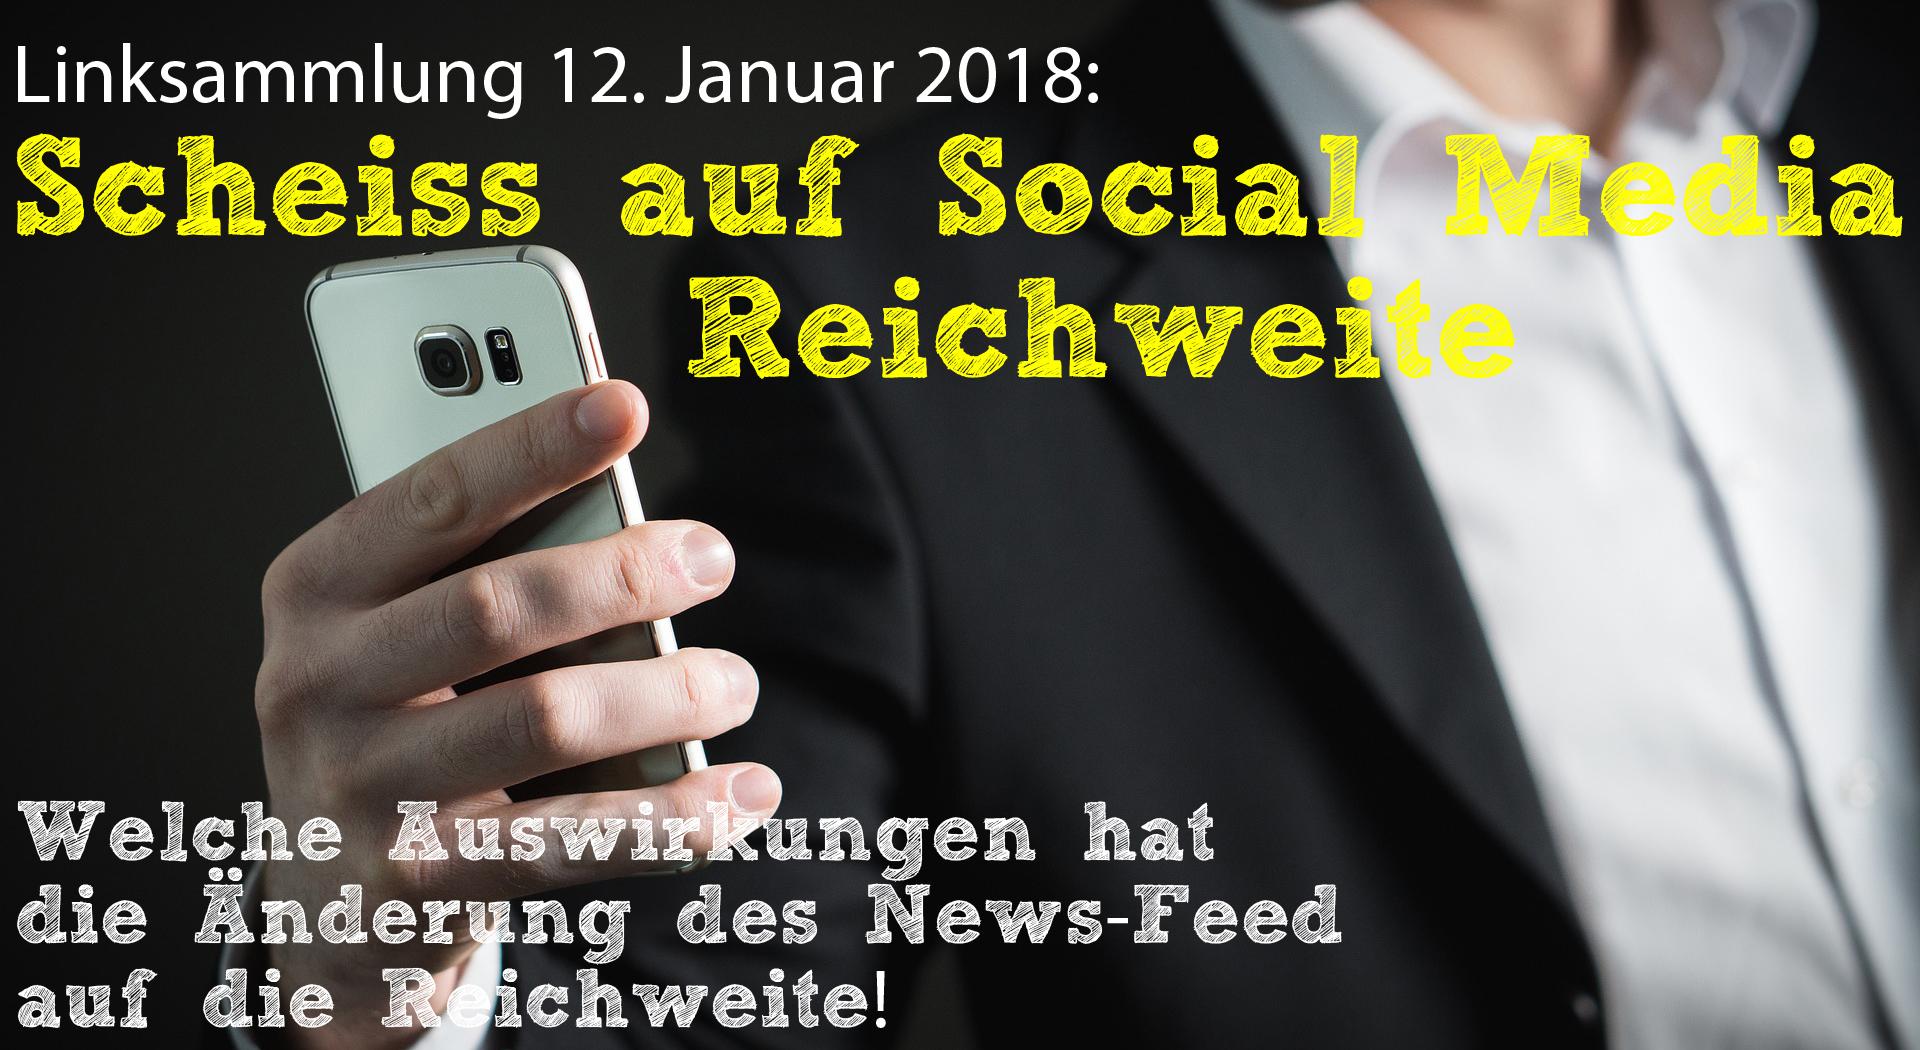 Scheiss auf Social-Media-Reichweite - News-Feed